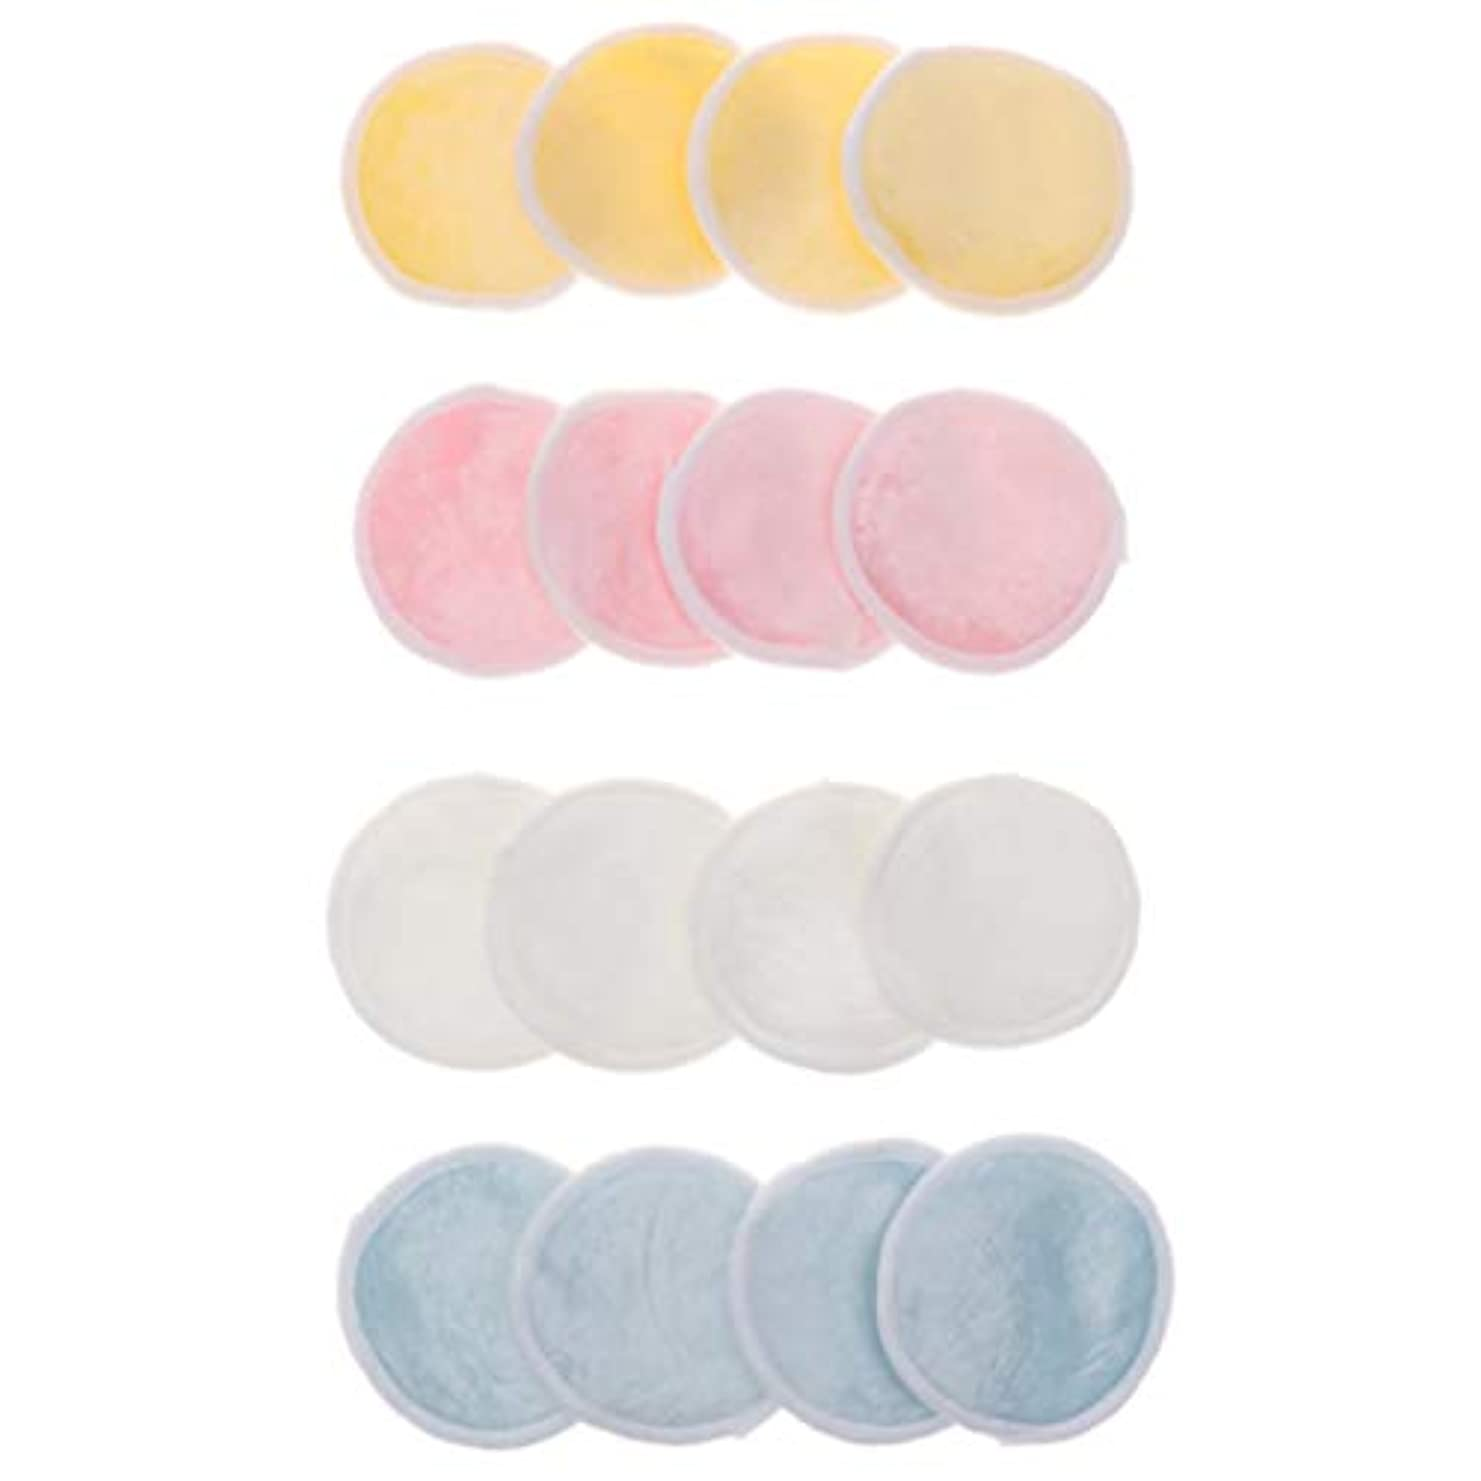 適度に甘くする環境に優しい16個 クレンジングシート パッド メイク落としコットン 再使用可能 ジッパーメッシュバッグ付 洗える